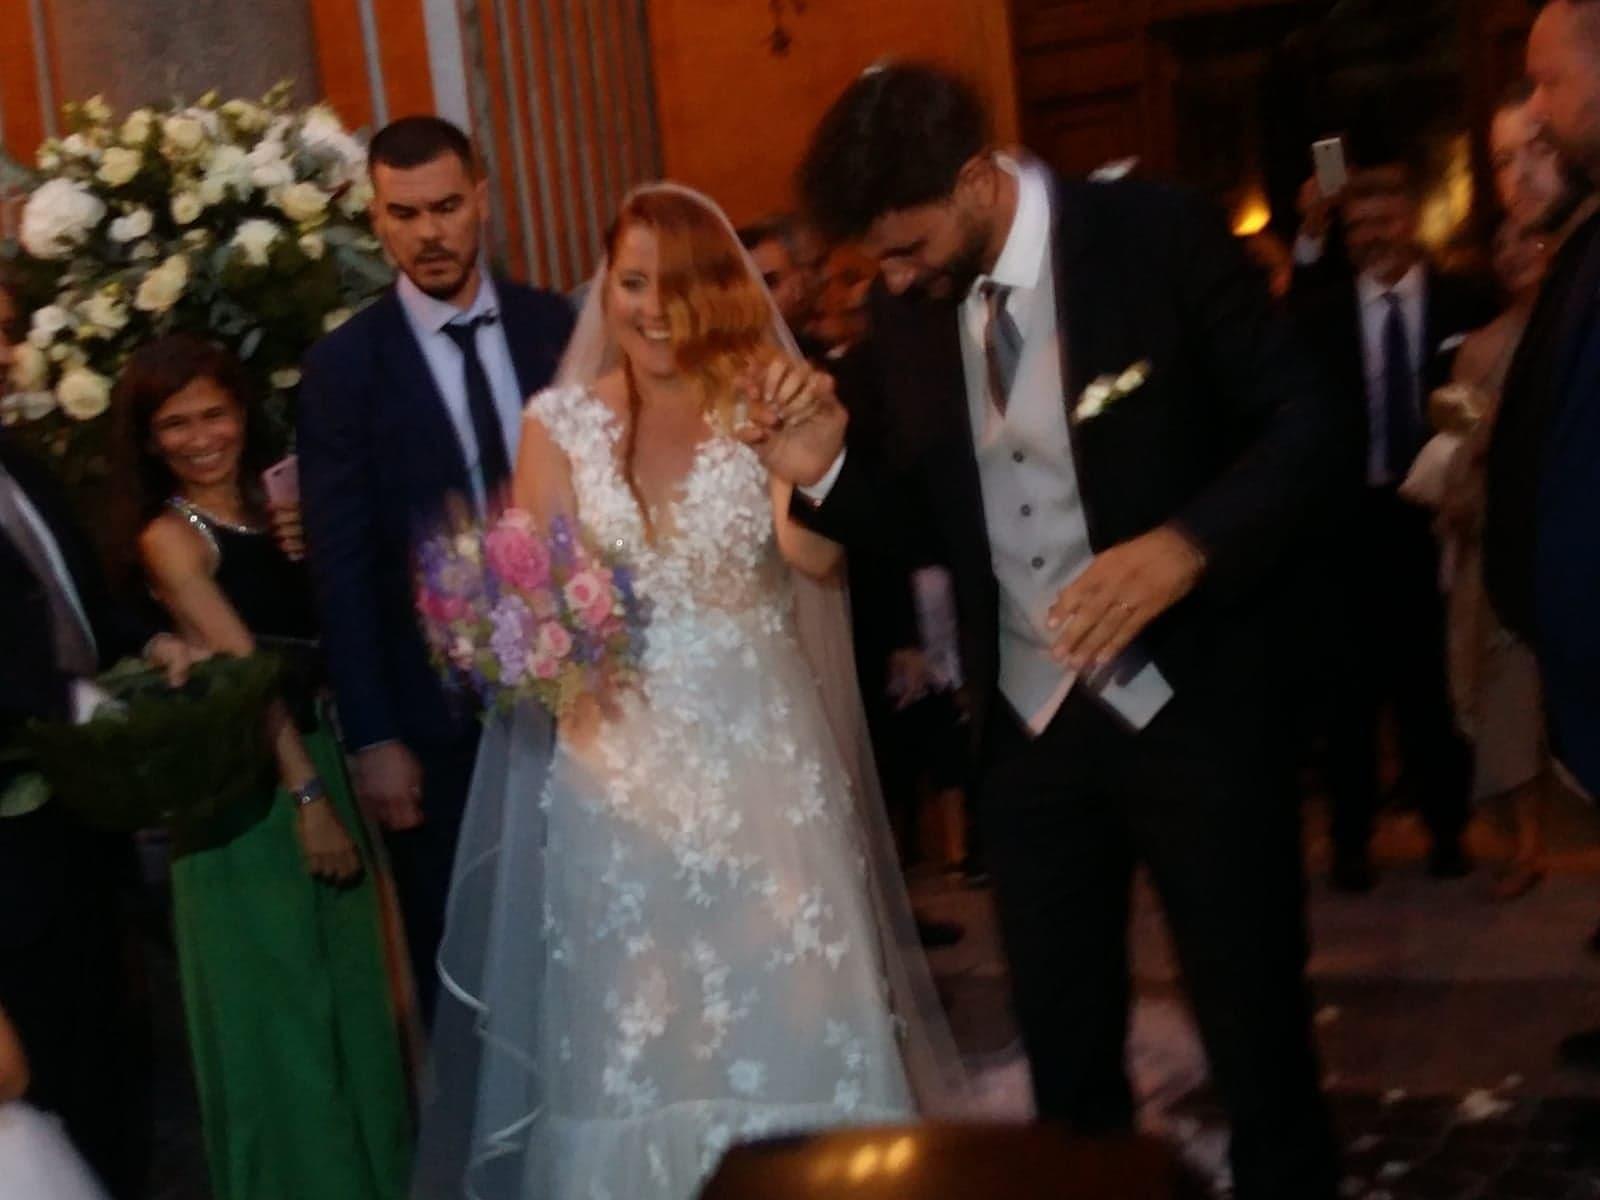 Matrimonio Noemi : Noemi si è sposata matrimonio a roma con il bassista